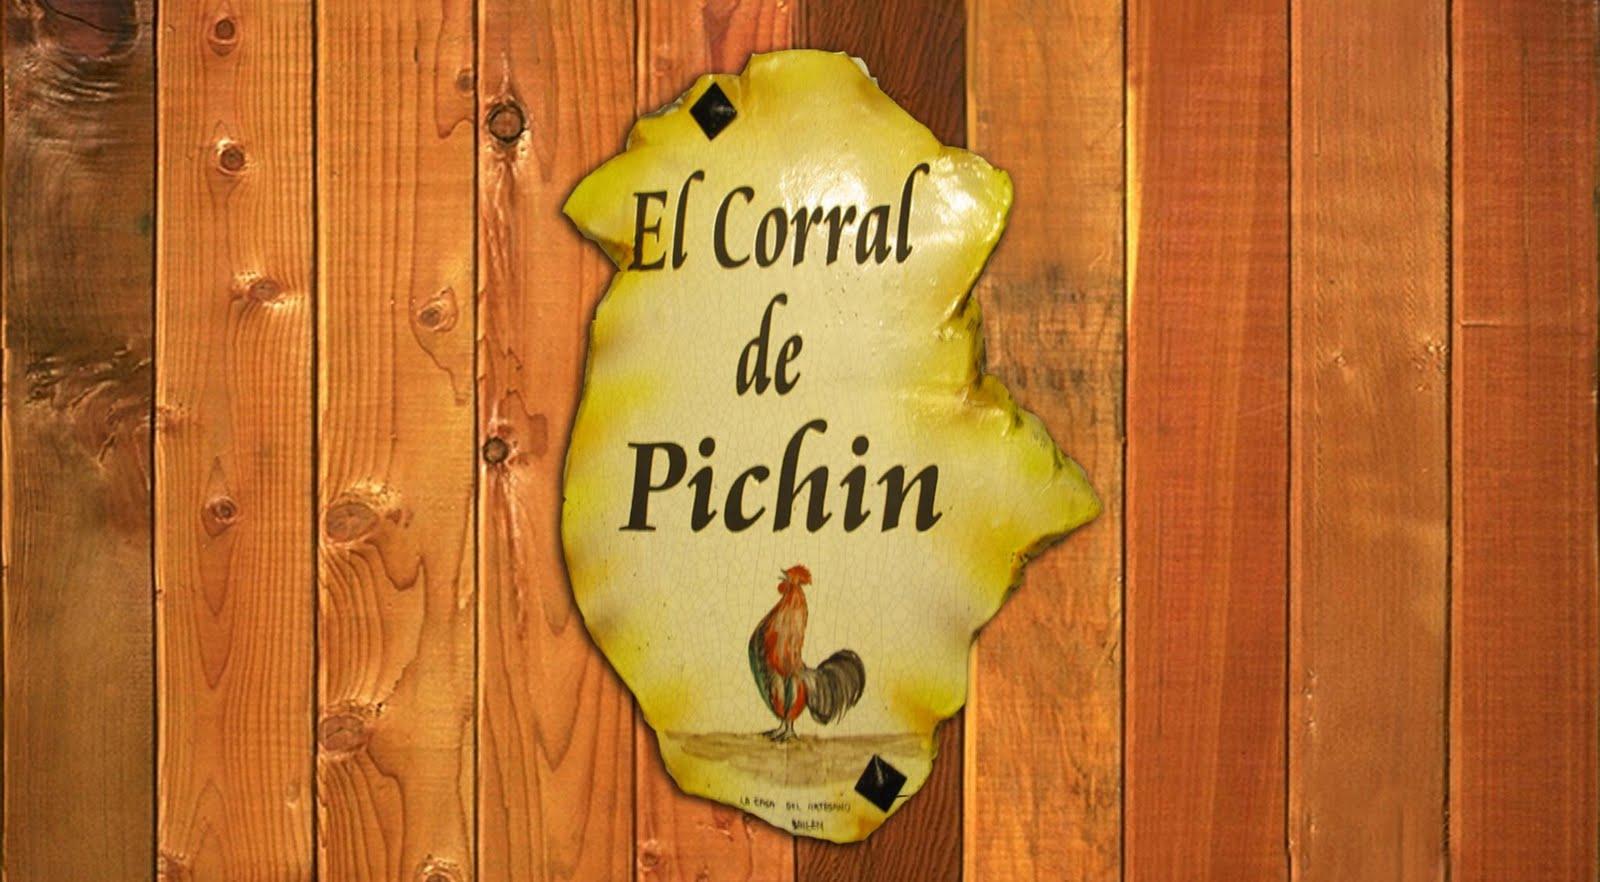 El Corral de Pichin